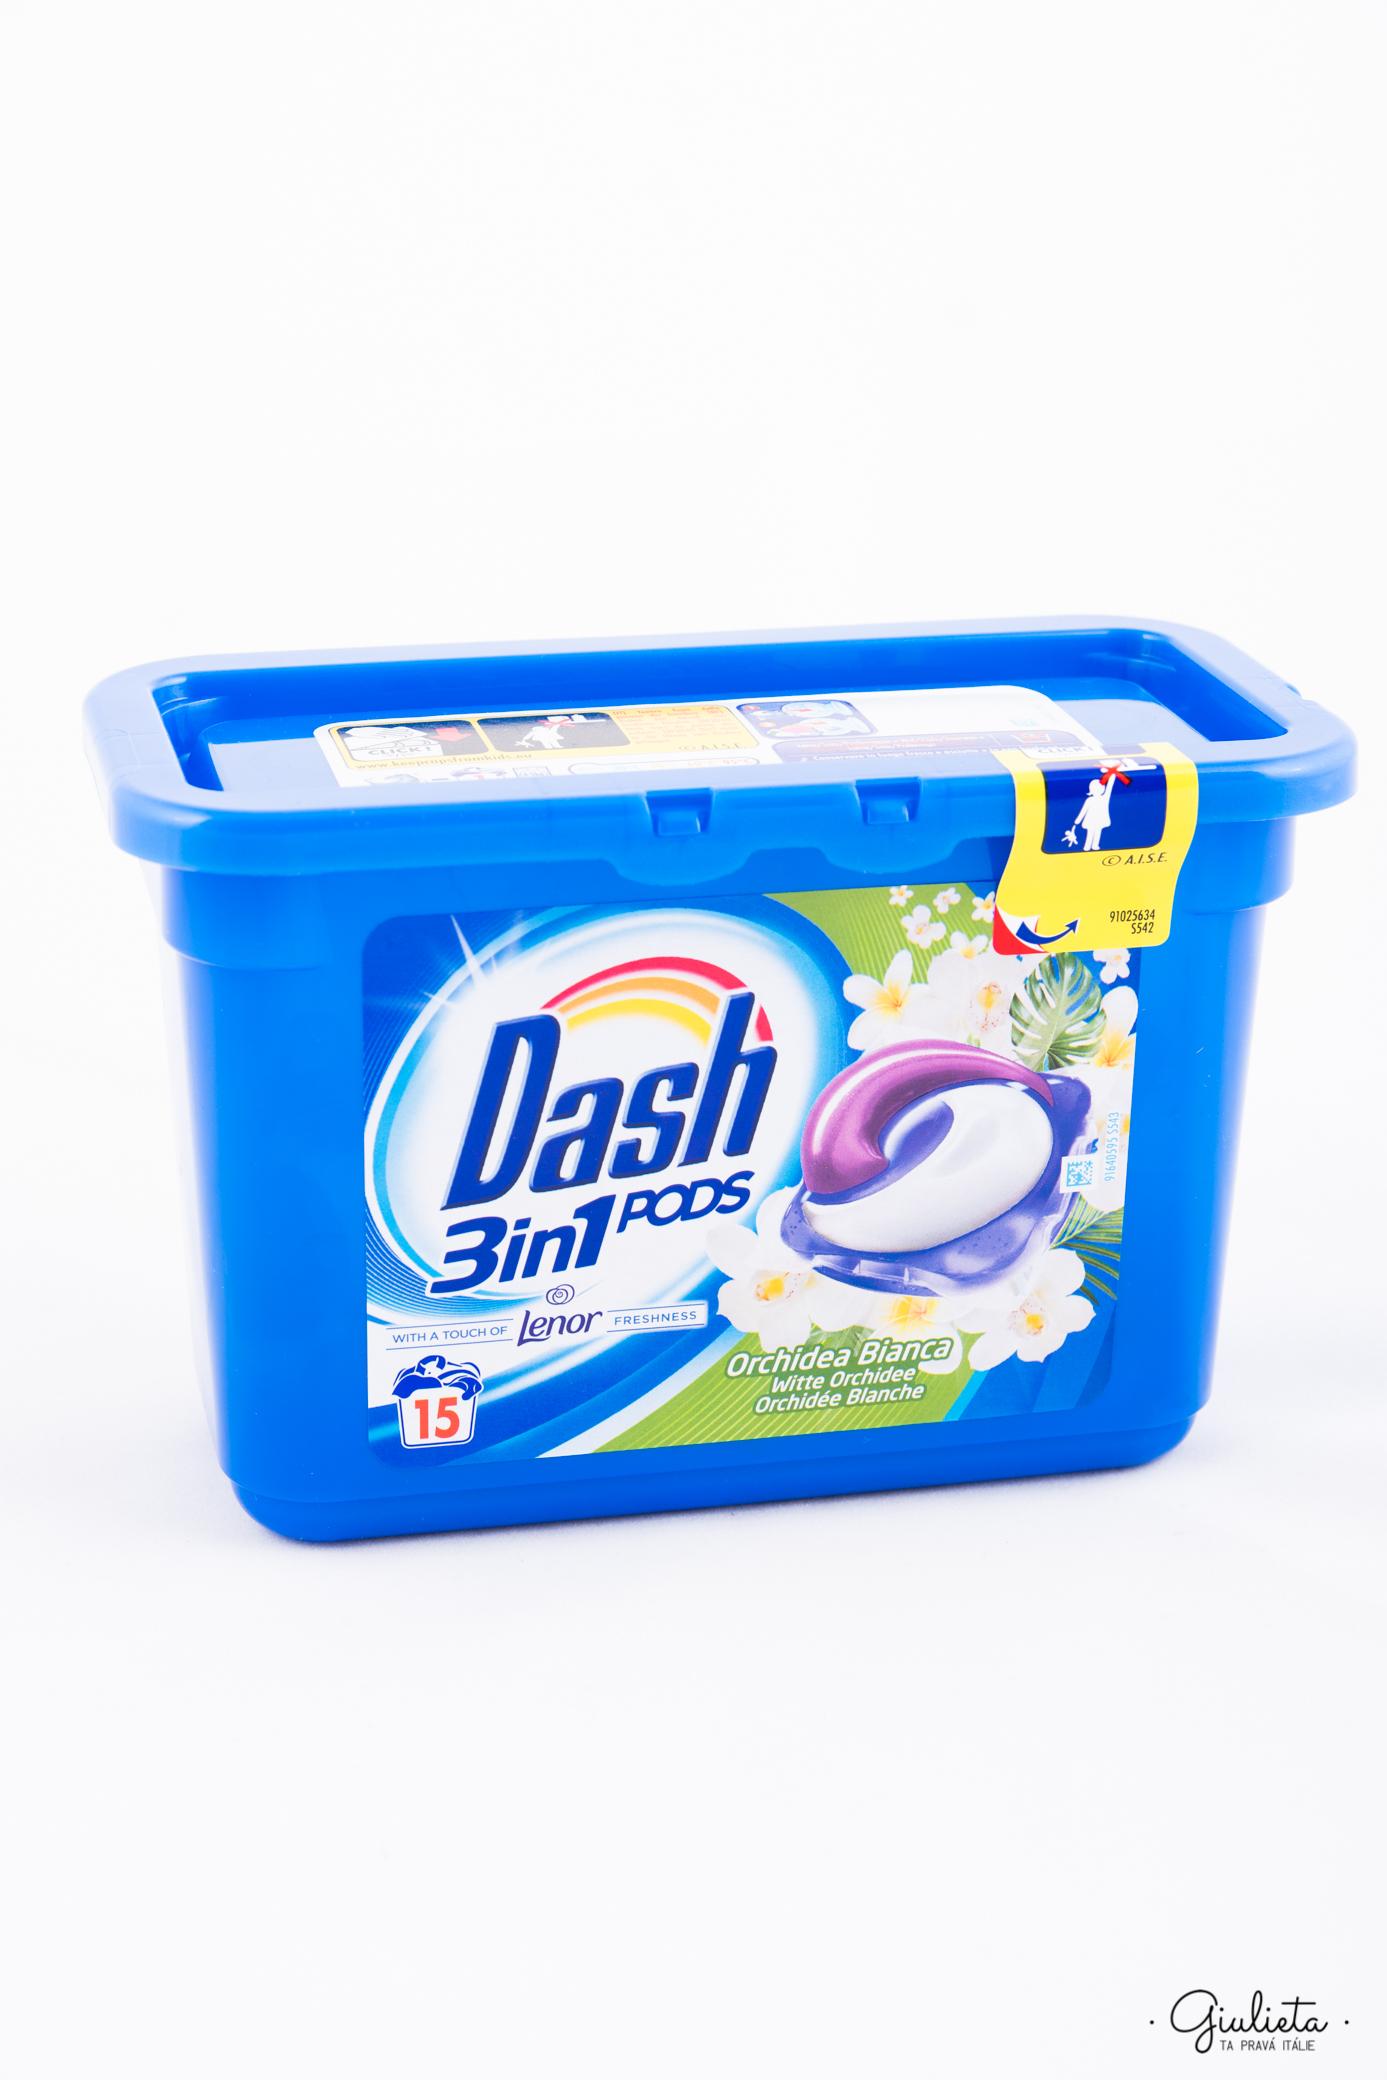 Dash gelové kapsle PODs 3in1 Orchidea Bianca, 15 ks